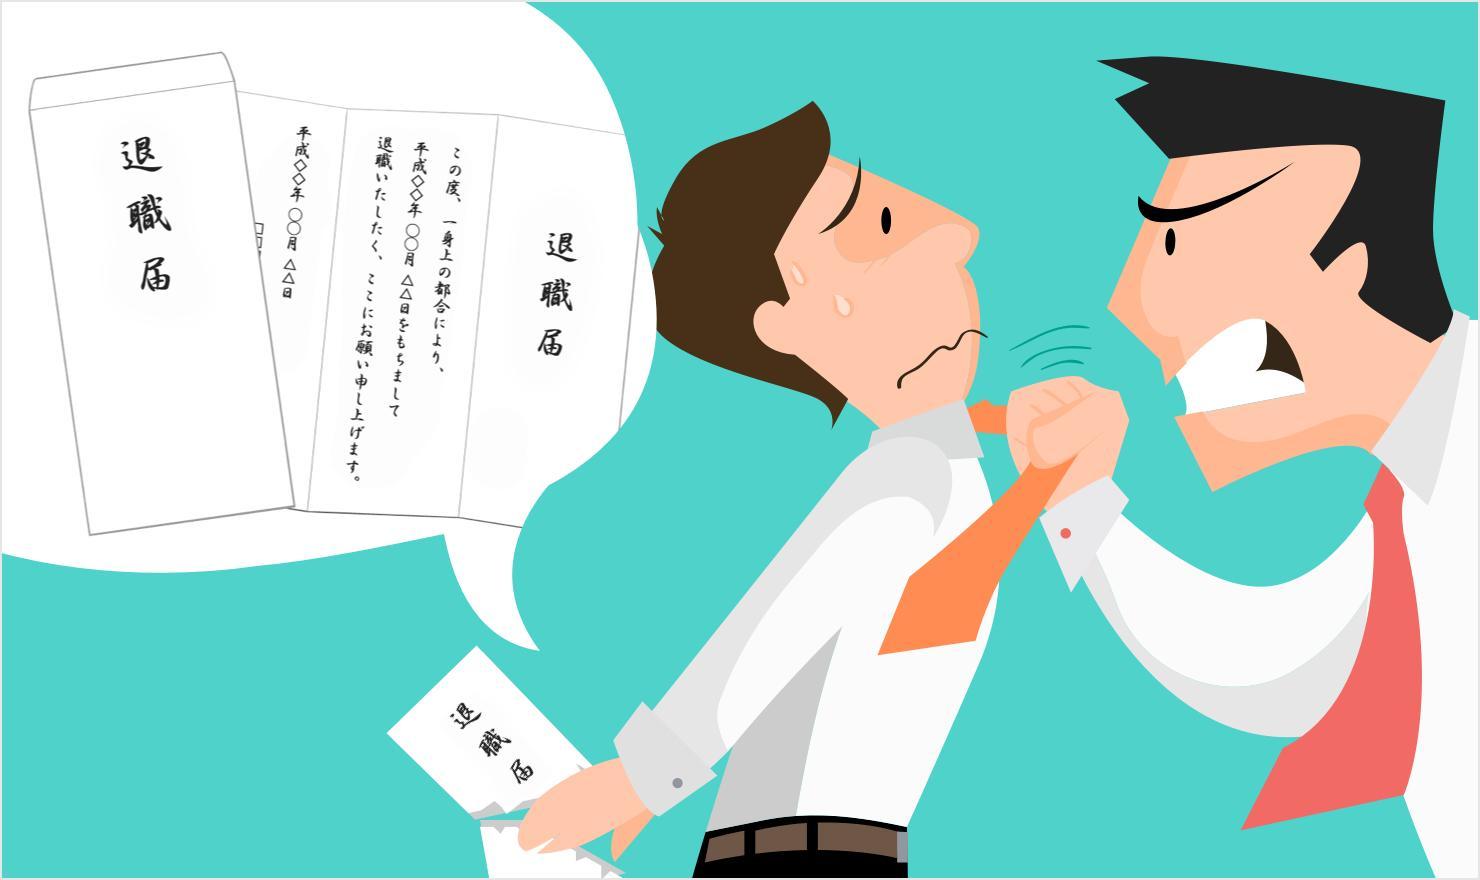 【会社を辞めたいのに辞められない…】退職できないときの対処法